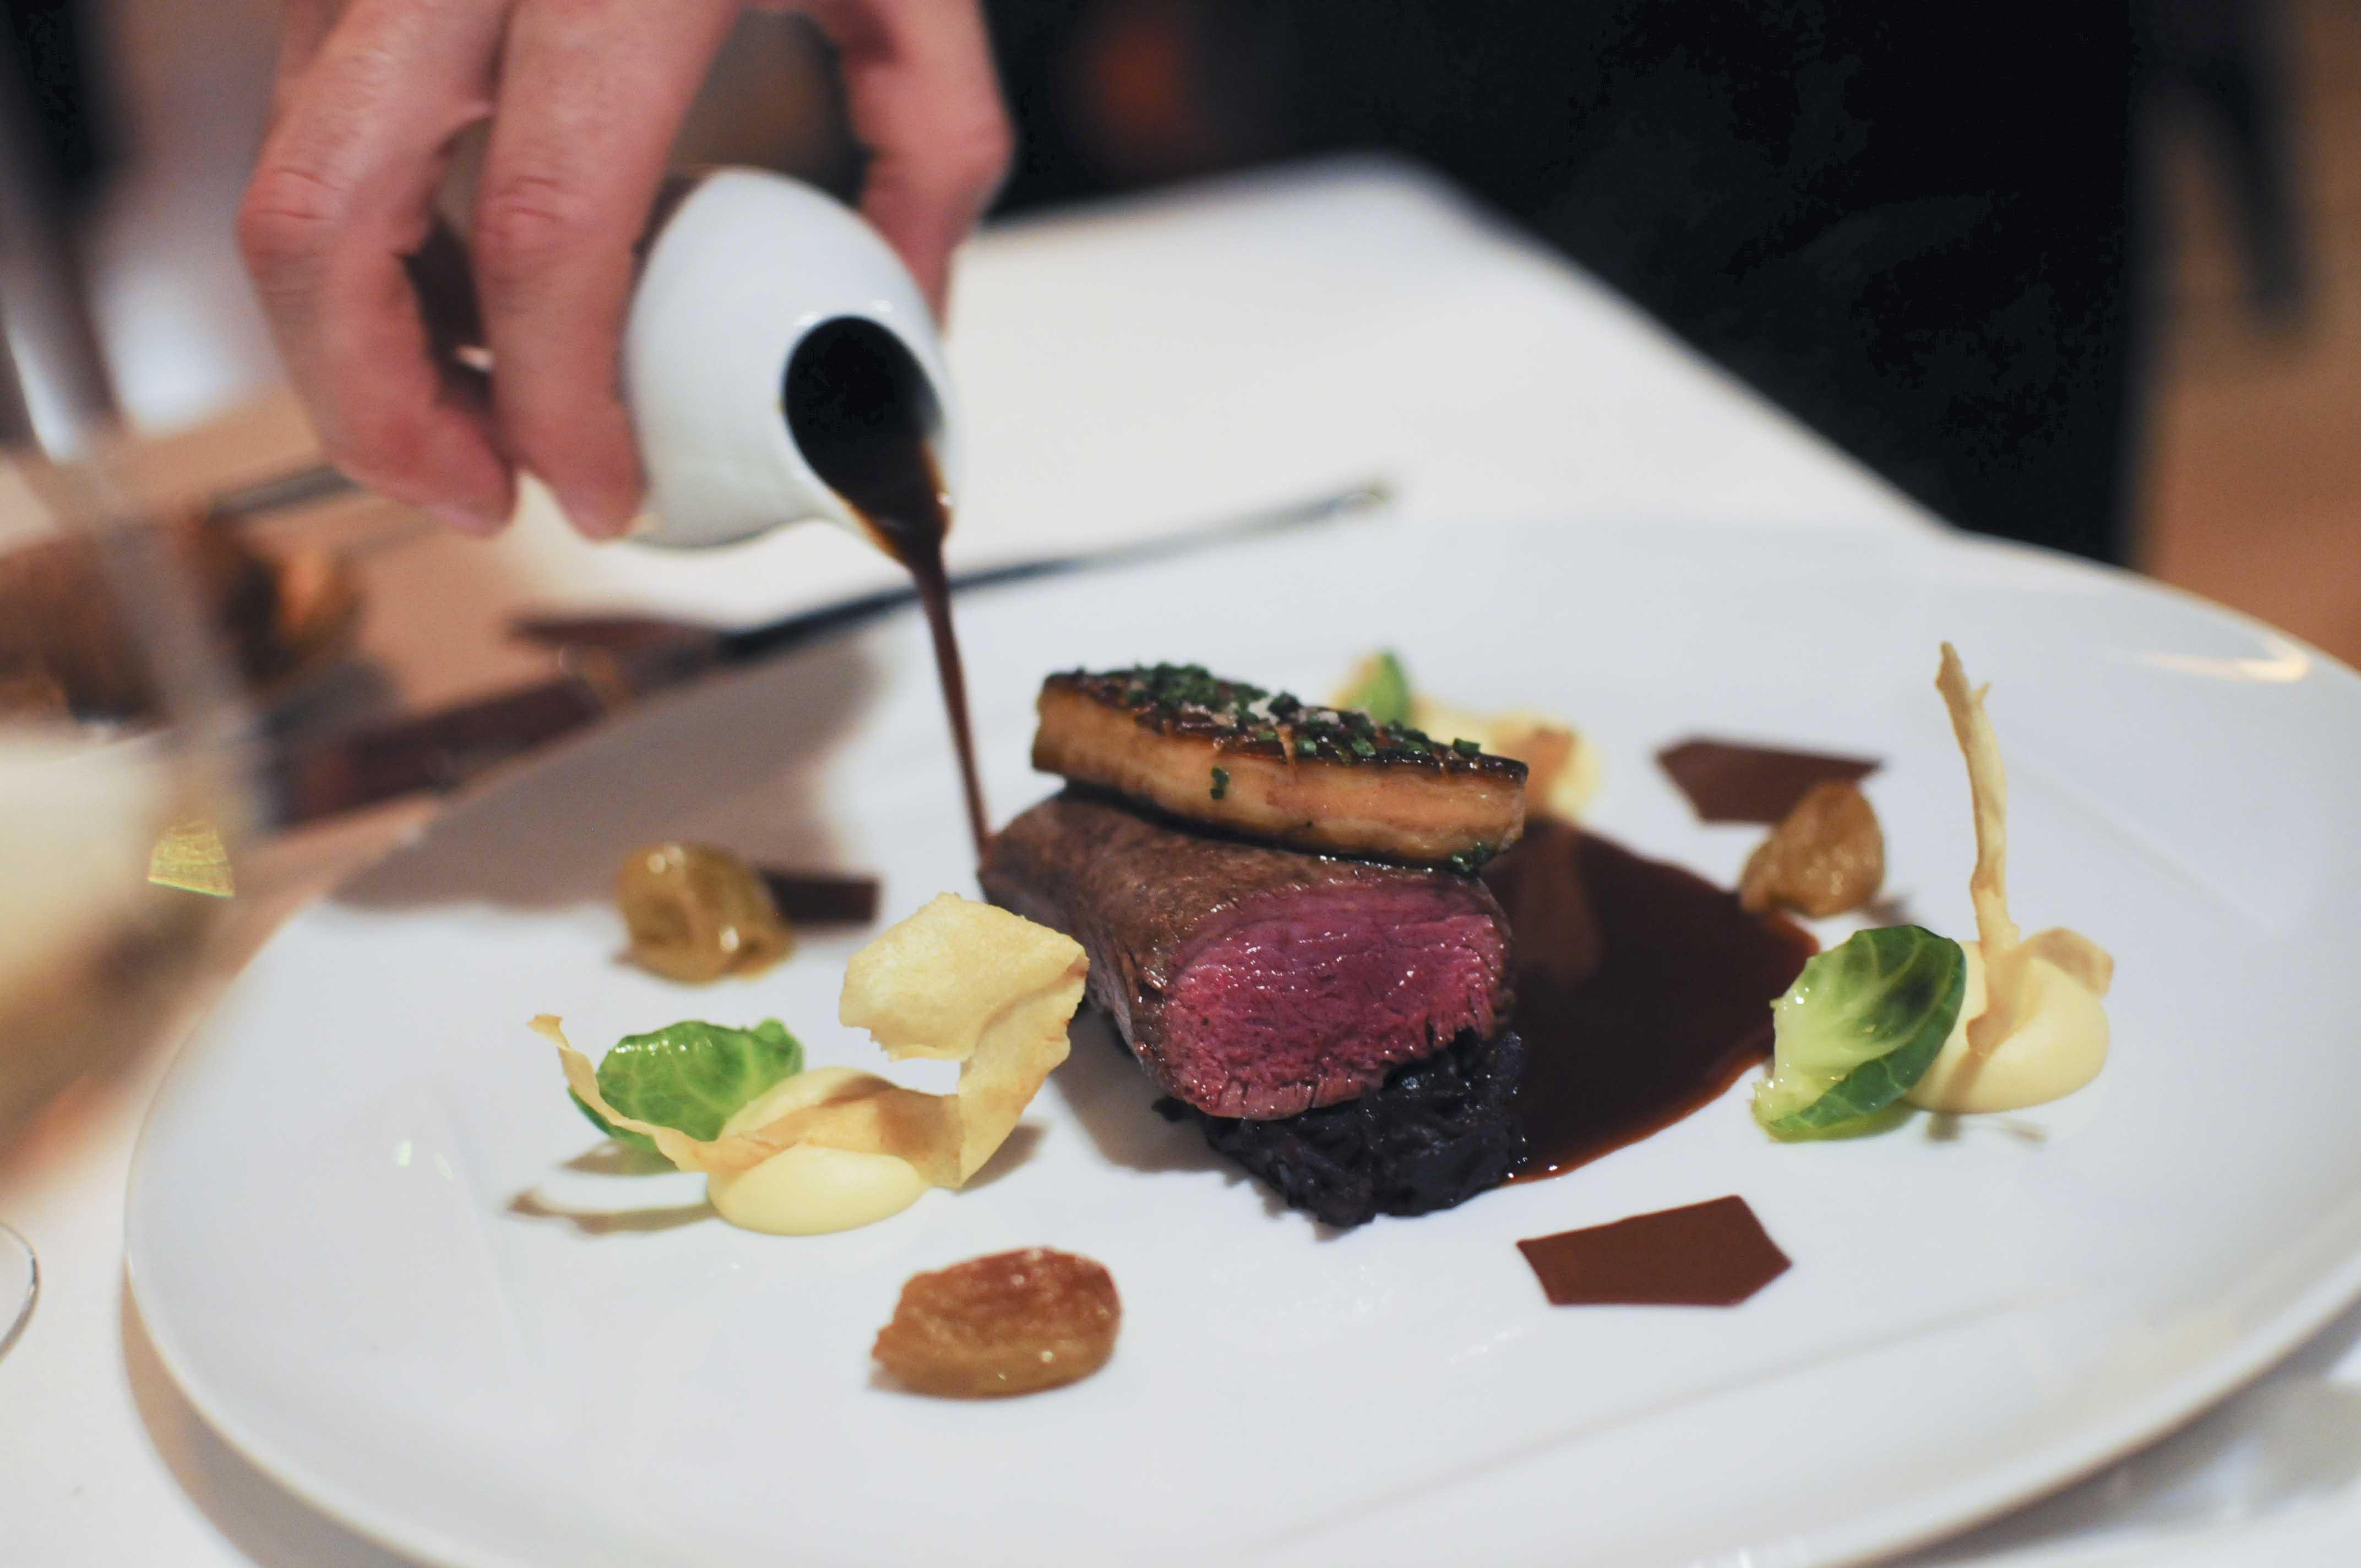 Chevreuil le pressoir d argent gordon ramsay 37 for Le pressoir restaurant